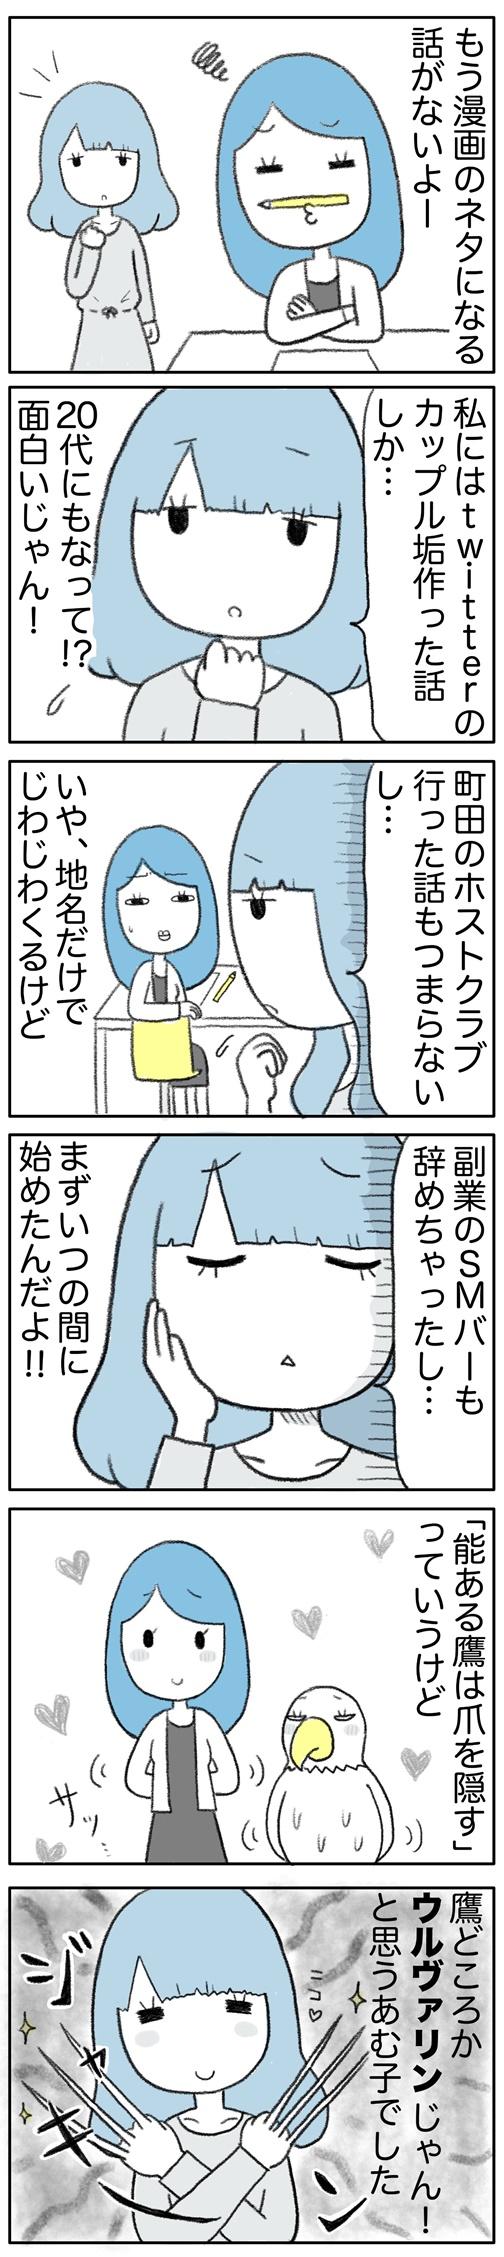 清楚系に見える友達にドン引きするあむ子の漫画180話